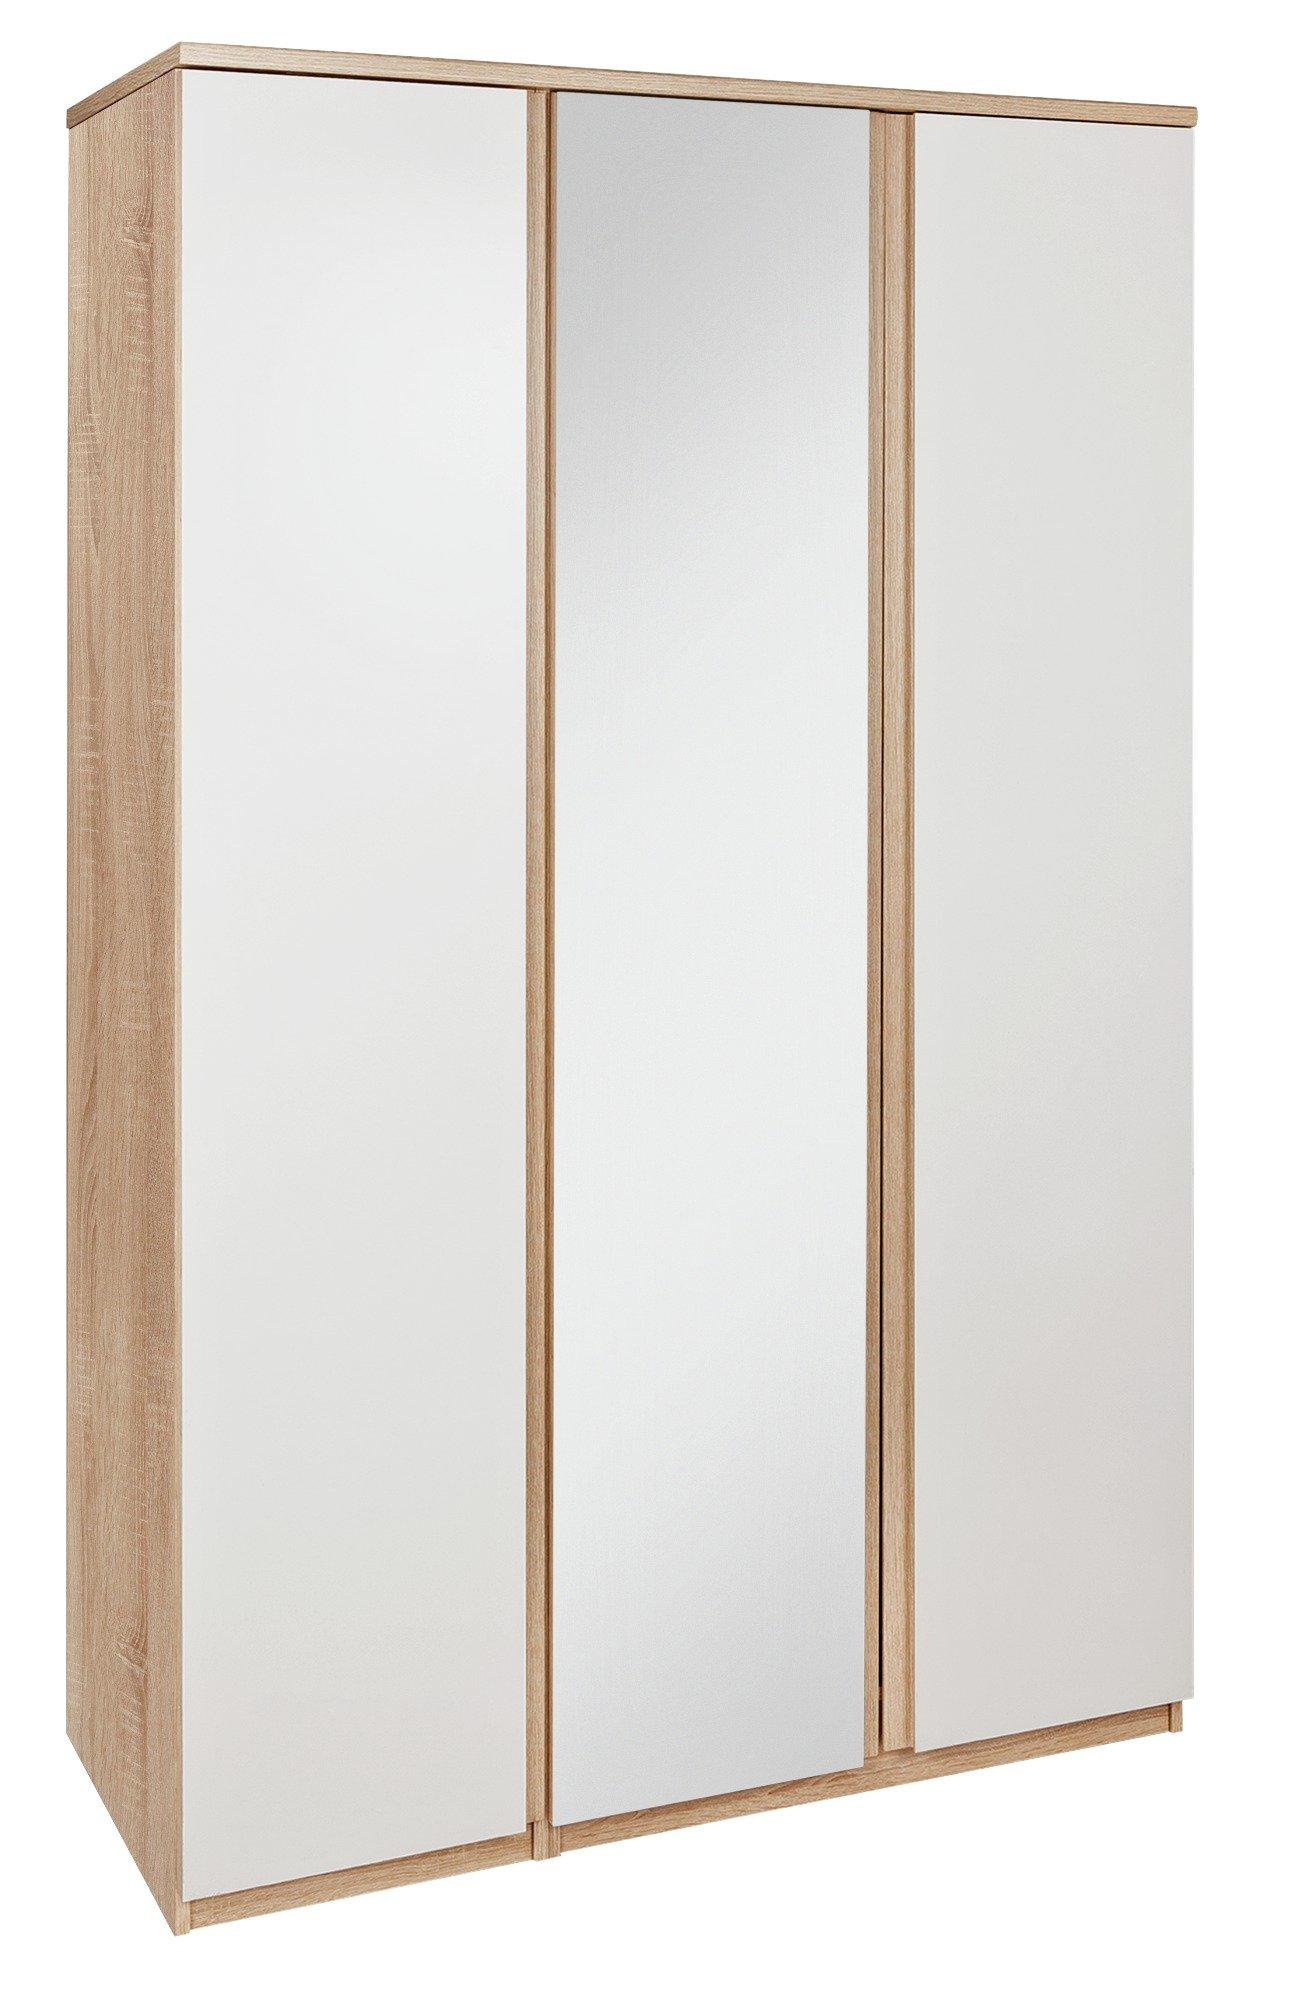 Image of Avenue 3 Door Mirrored Wardrobe - Brown Oak Effect